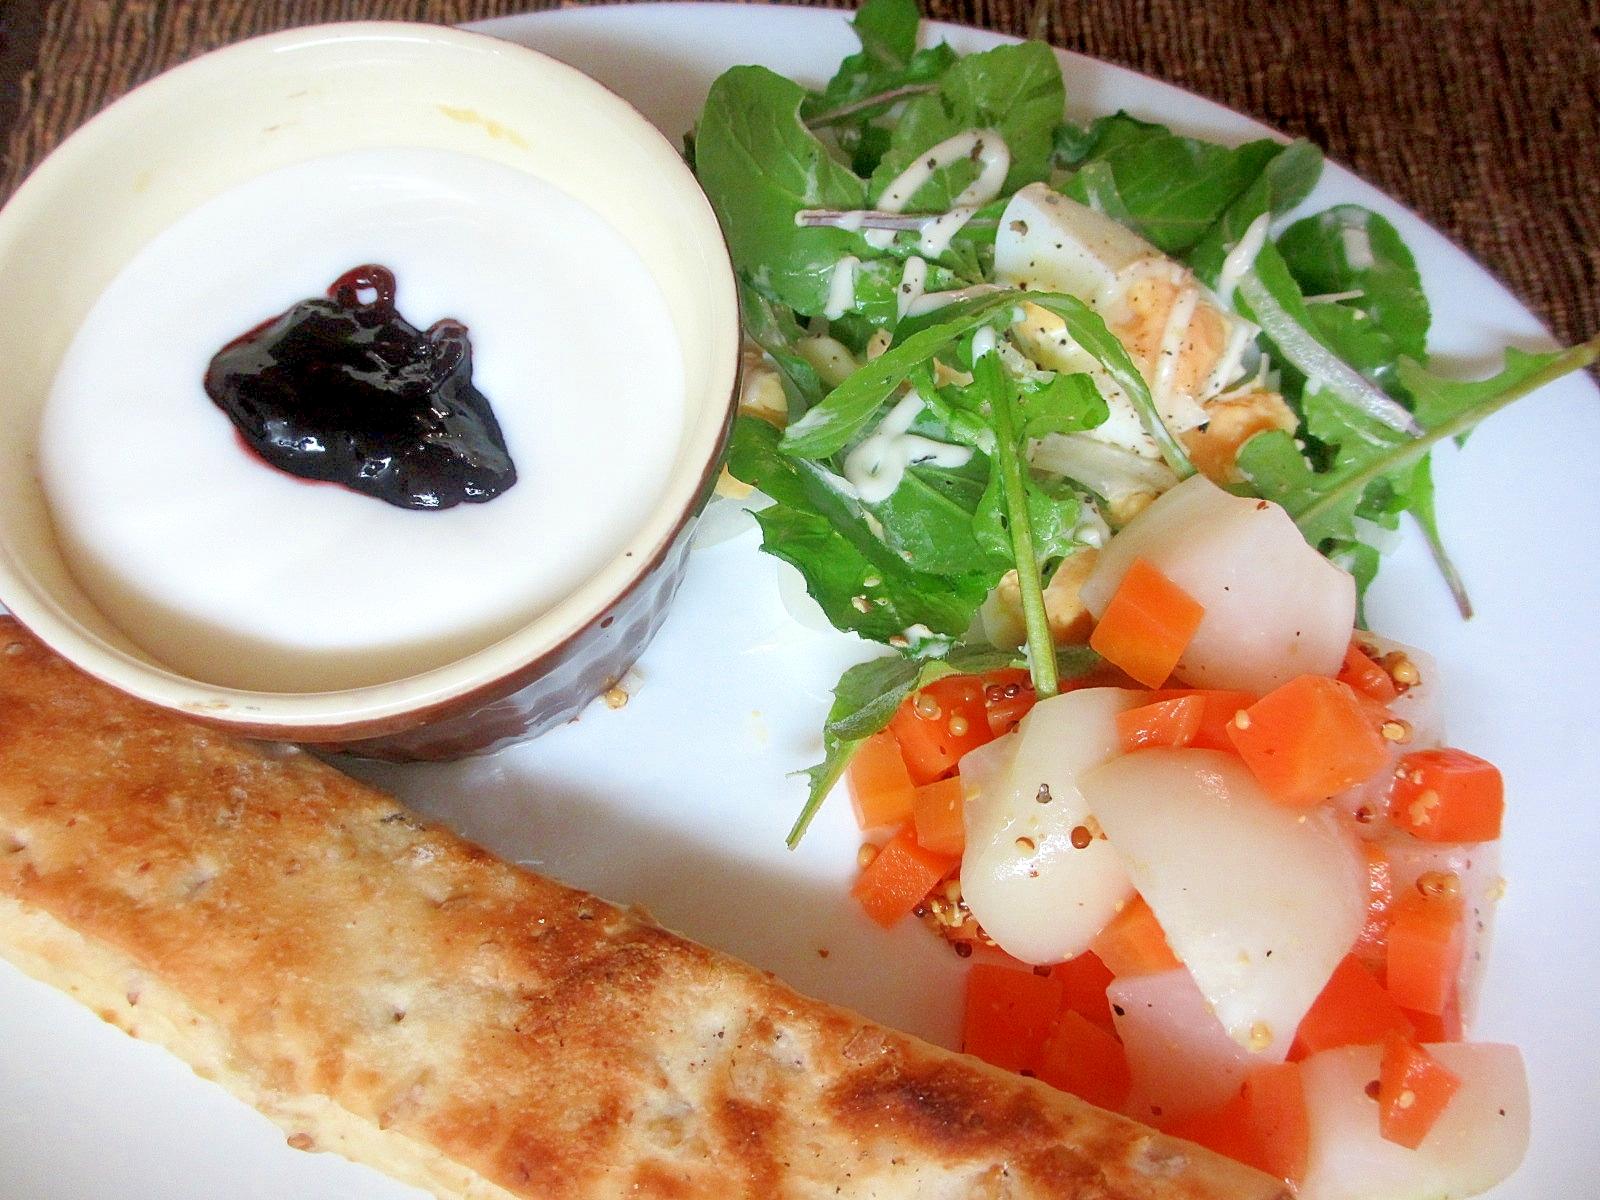 ルッコラとゆで卵のサラダの朝パンプレート